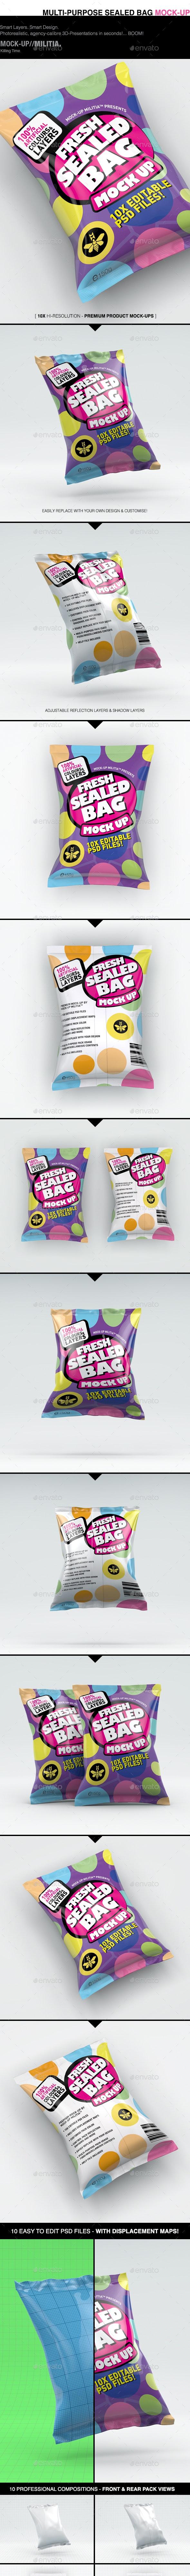 Snack Bag Mock-Up   Sealed Bag   Foil Bag Mock-Up - Food and Drink Packaging